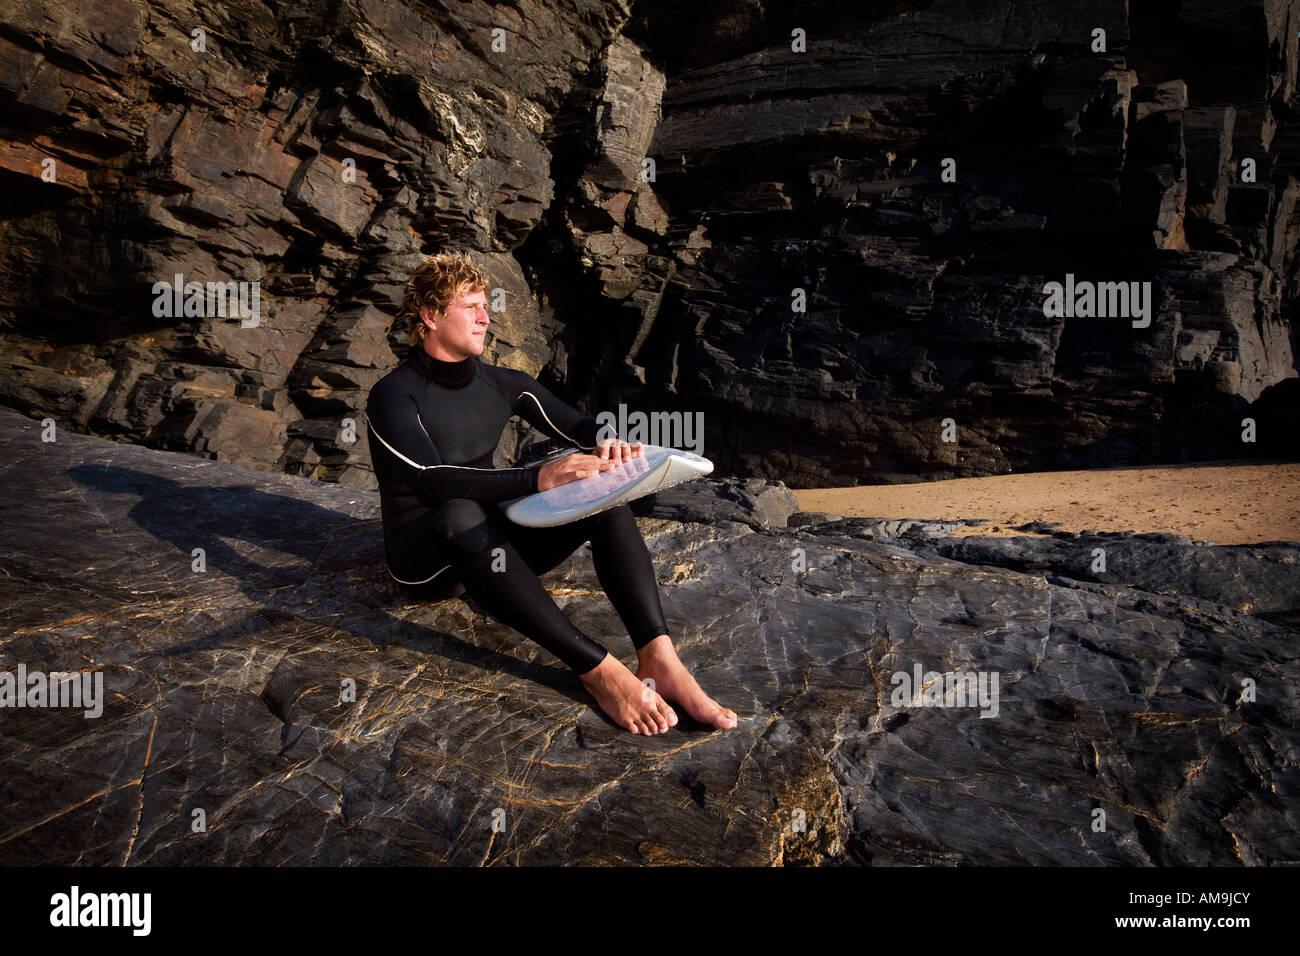 Mann, sitzend auf große Felsen im Neoprenanzug mit Surfbrett auf Schoß. Stockbild